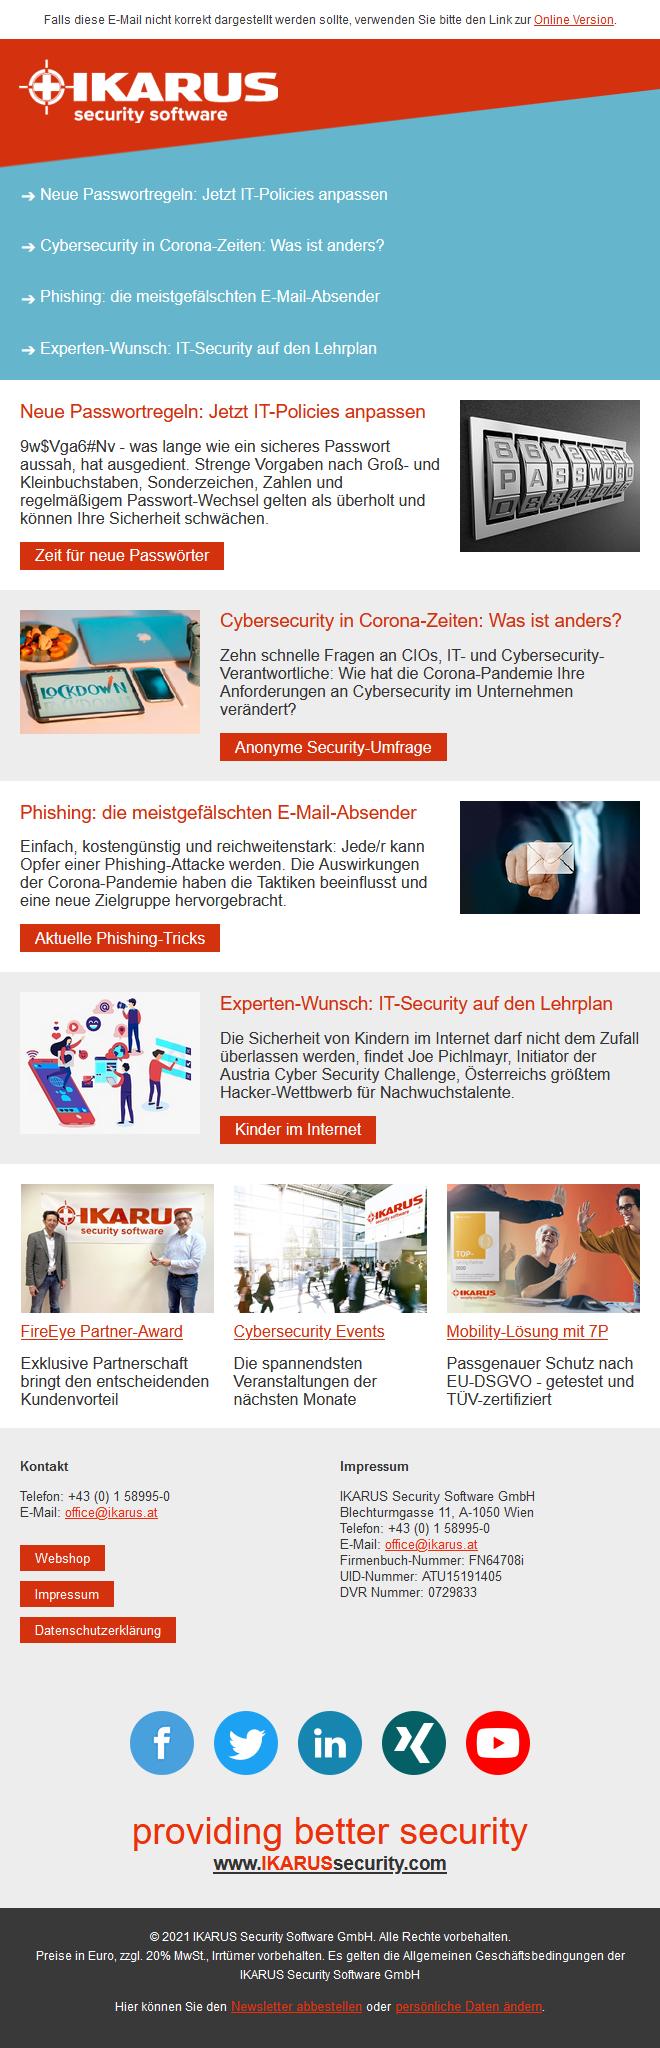 IKARUS Security News